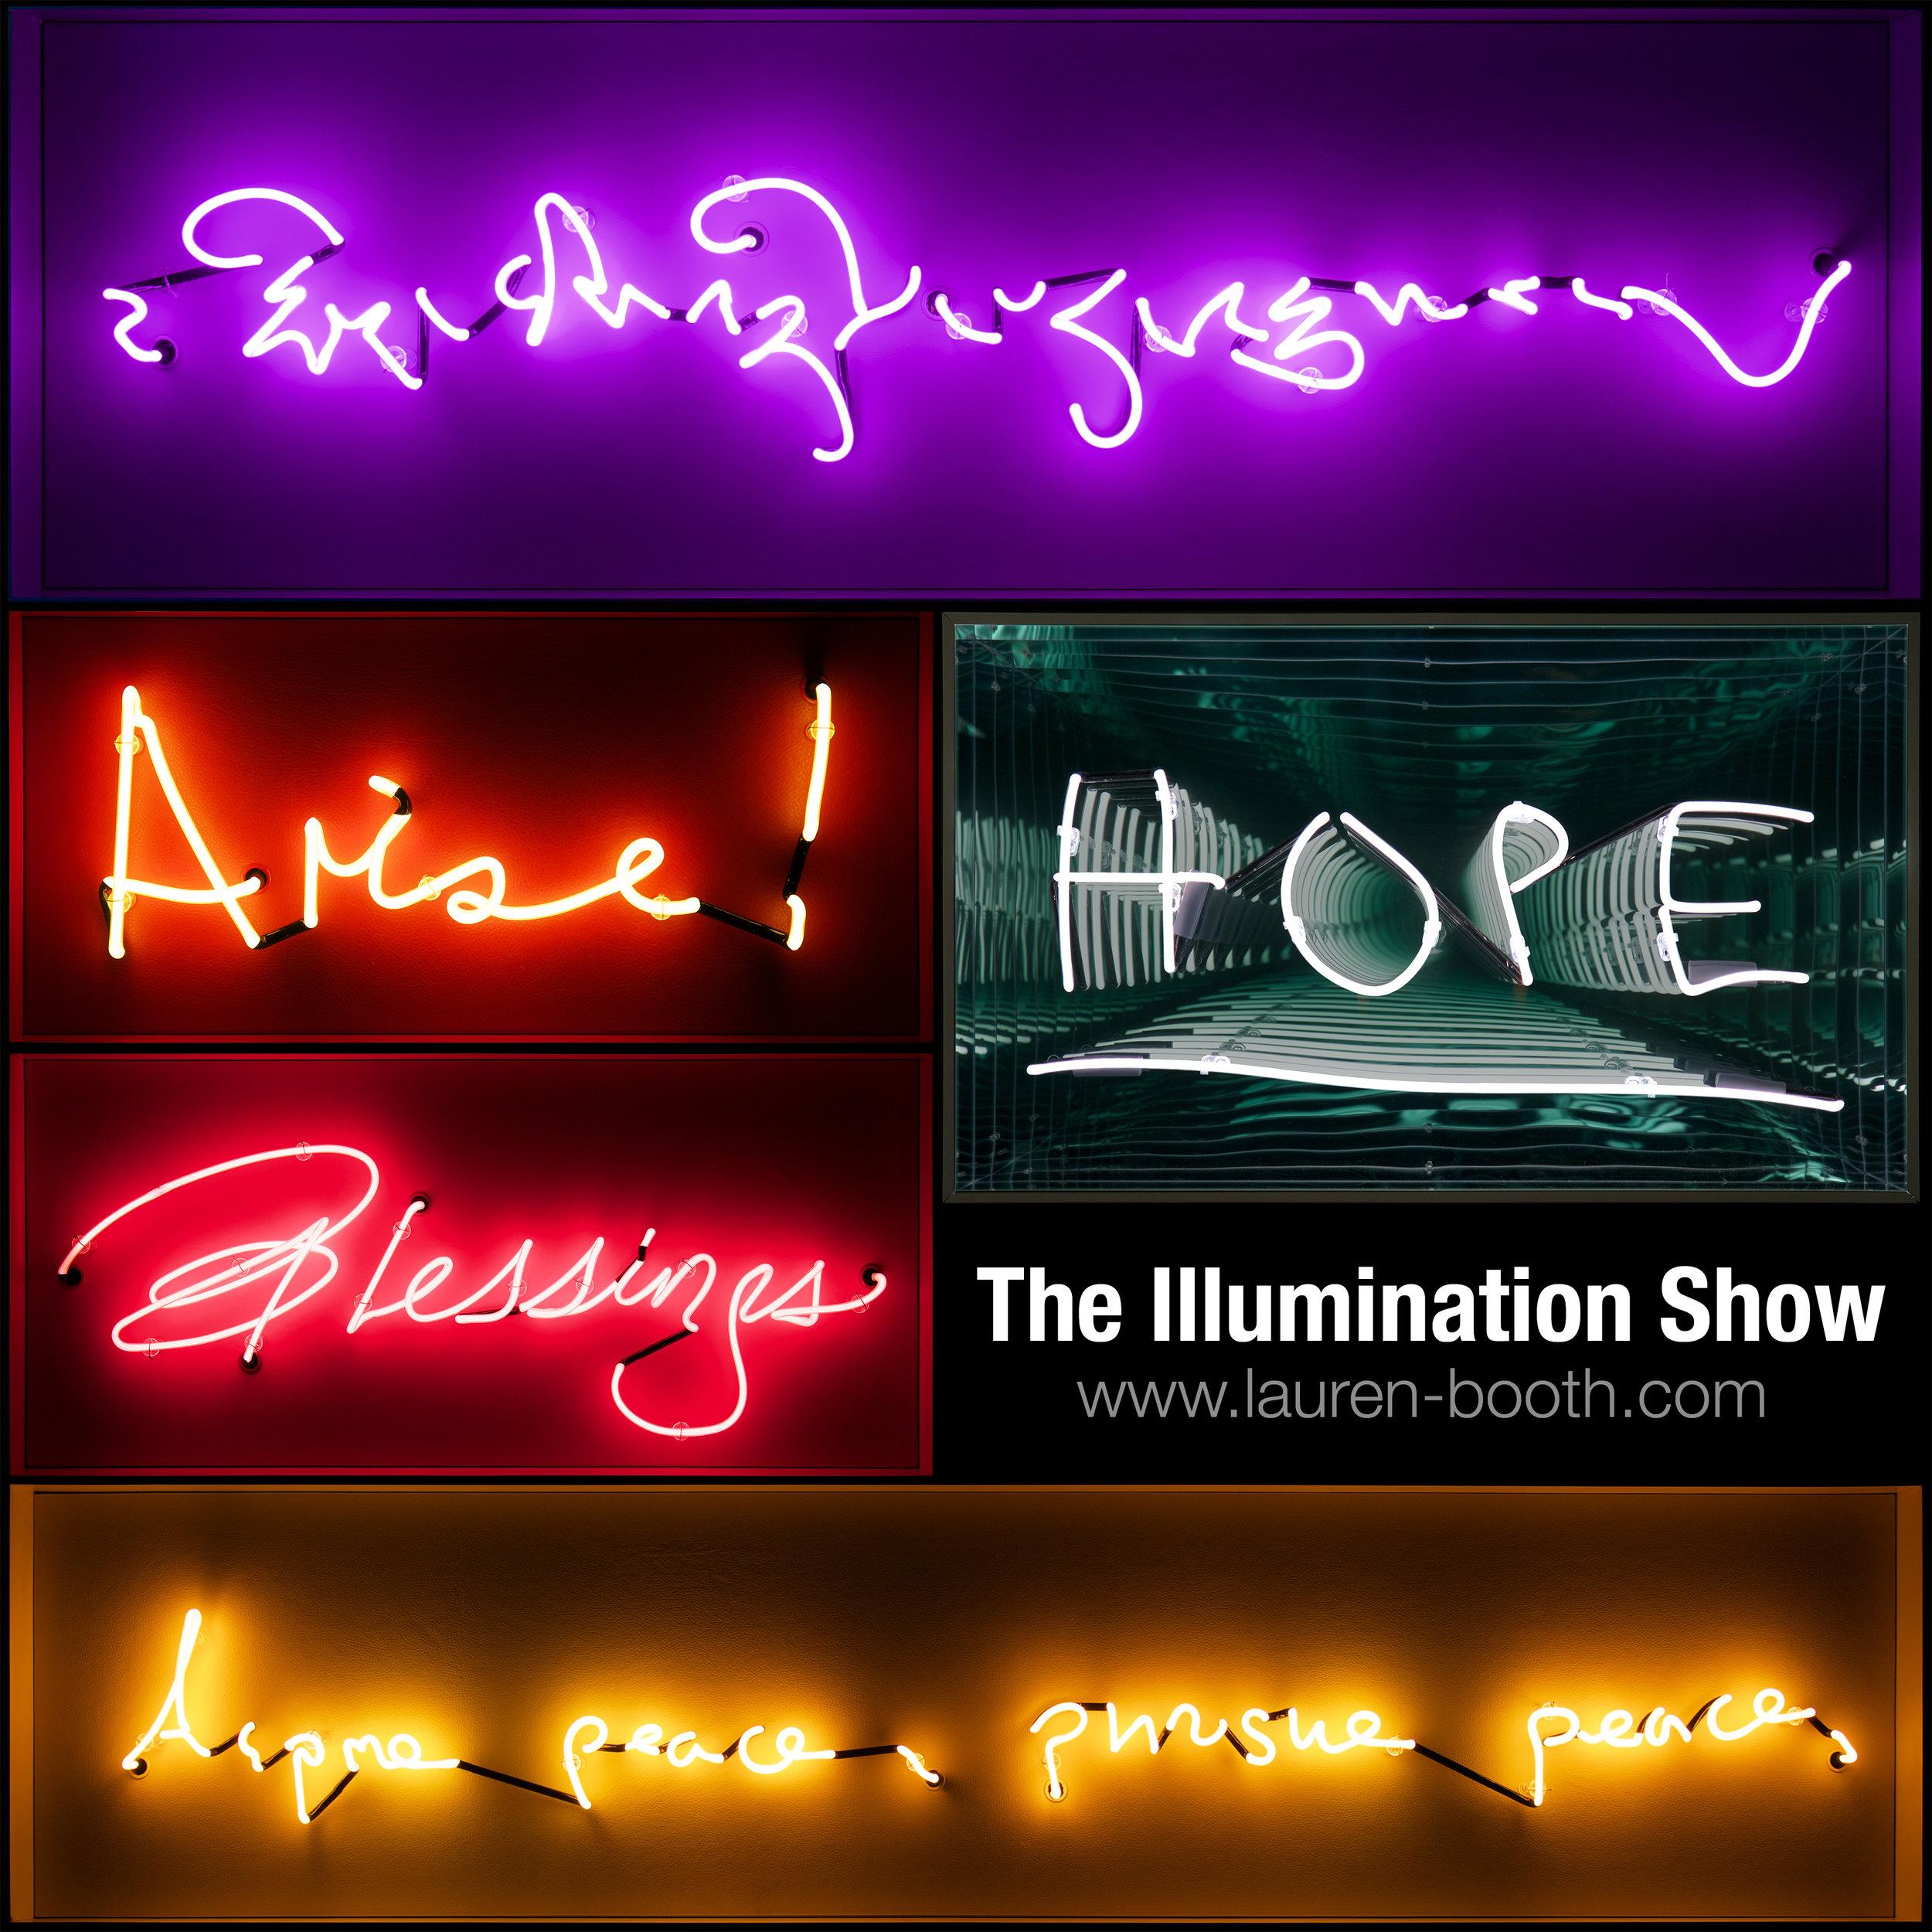 Illumination_Show_01.jpg